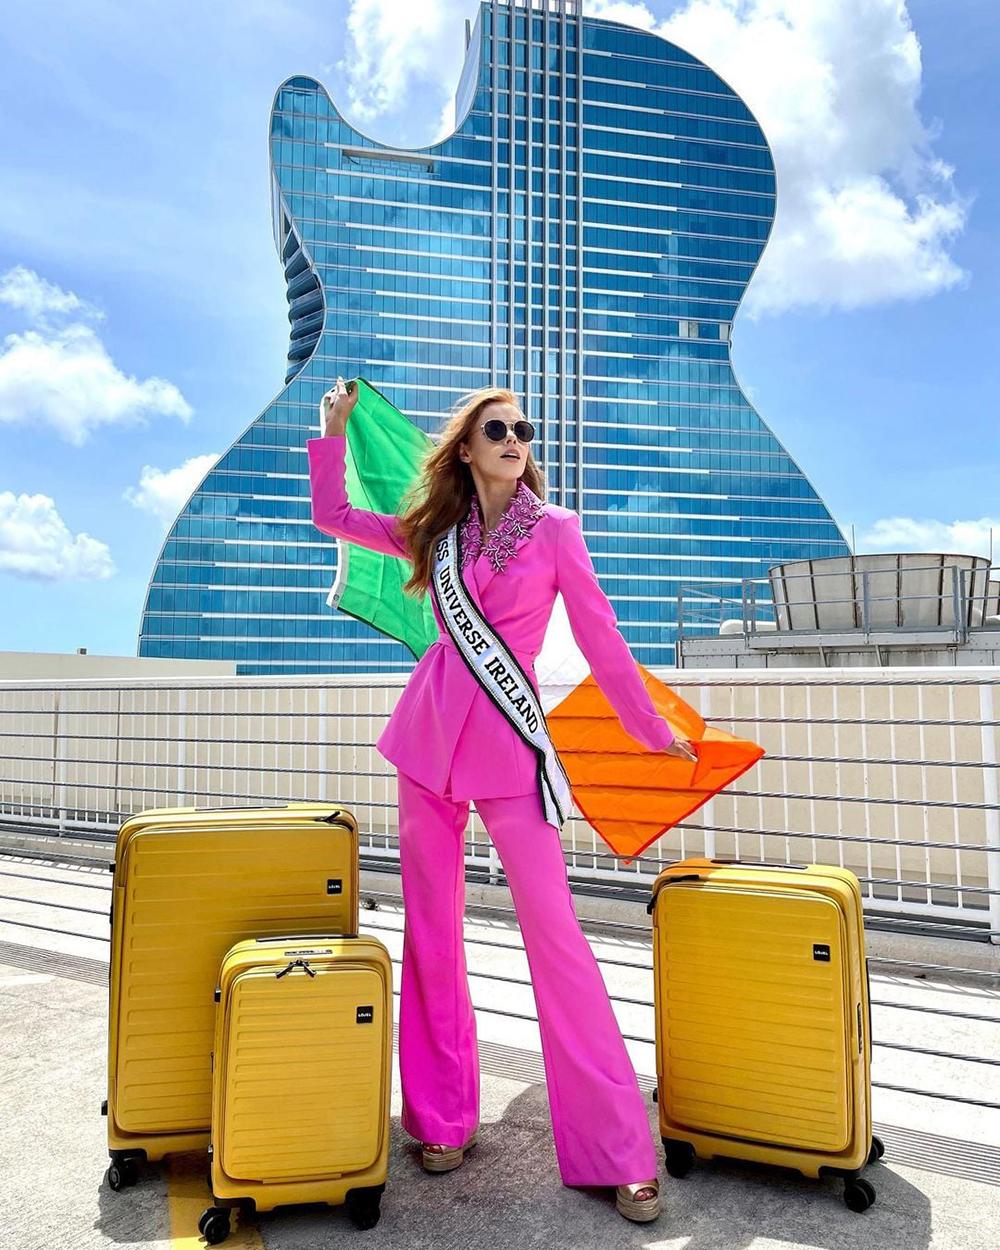 Người đẹp Ireland - Nadia Sayers - chọn phong cách menswear với mốt áo vest, quần ống loe theo thời trang đơn sắc.